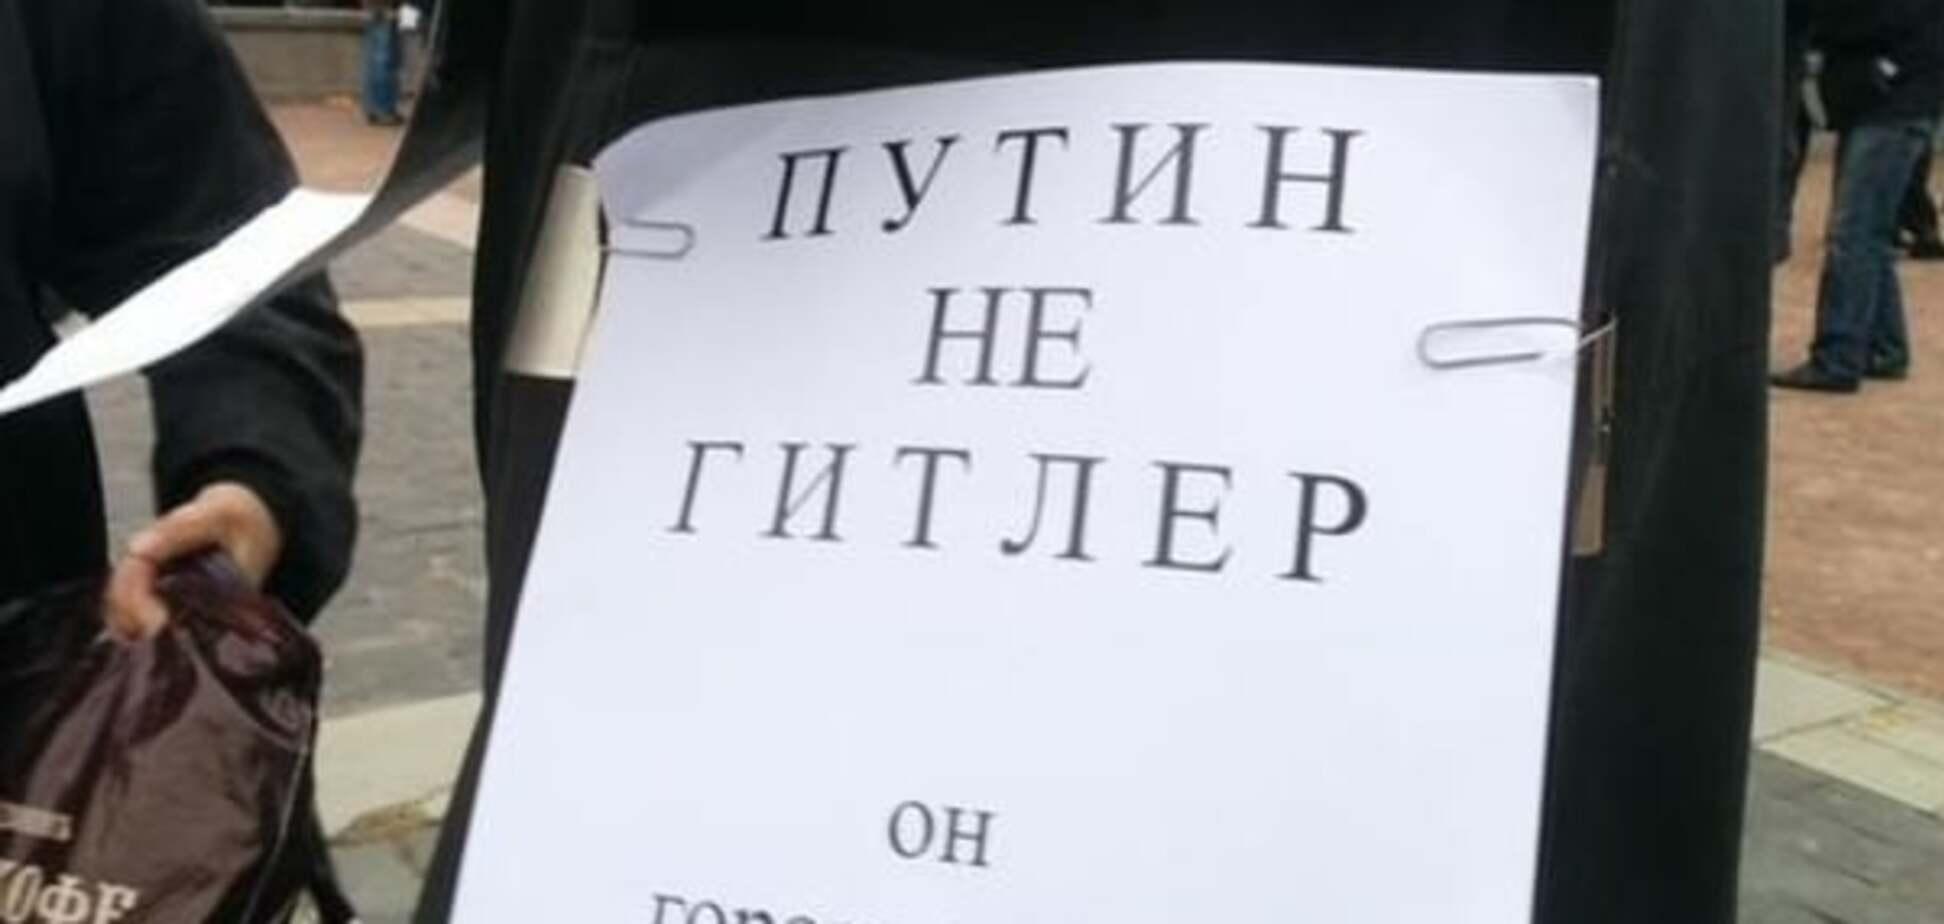 В Москве идет акция против войны в Украине и Сирии: хватит крови, хватит Путина